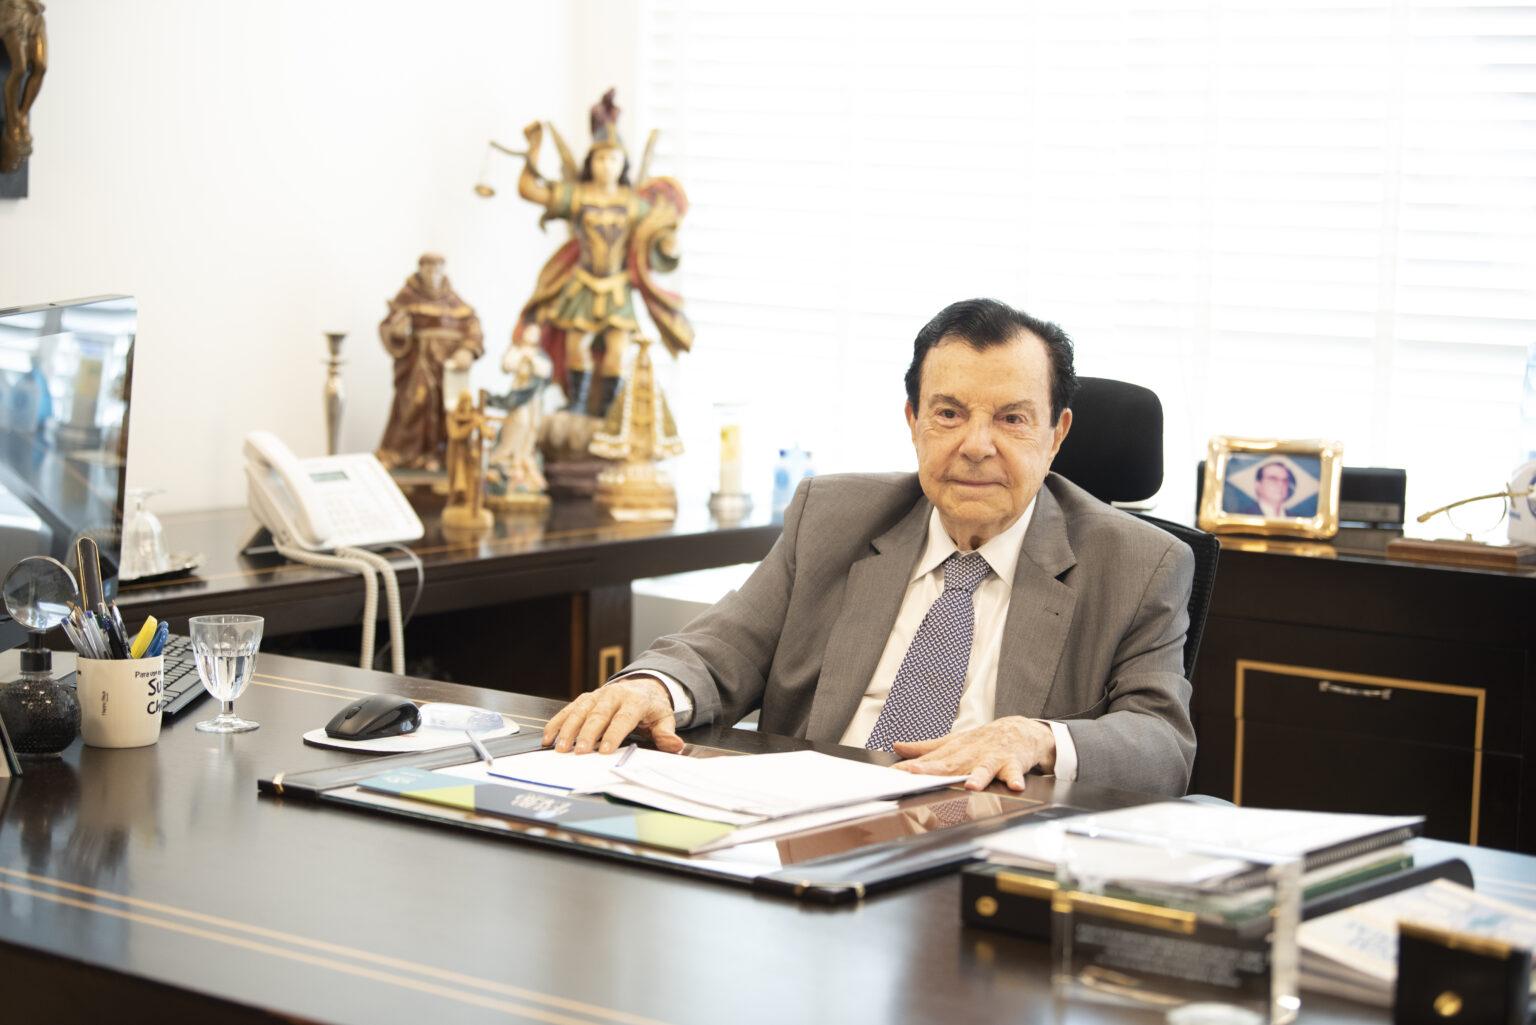 DR FABIO MEIRELLES